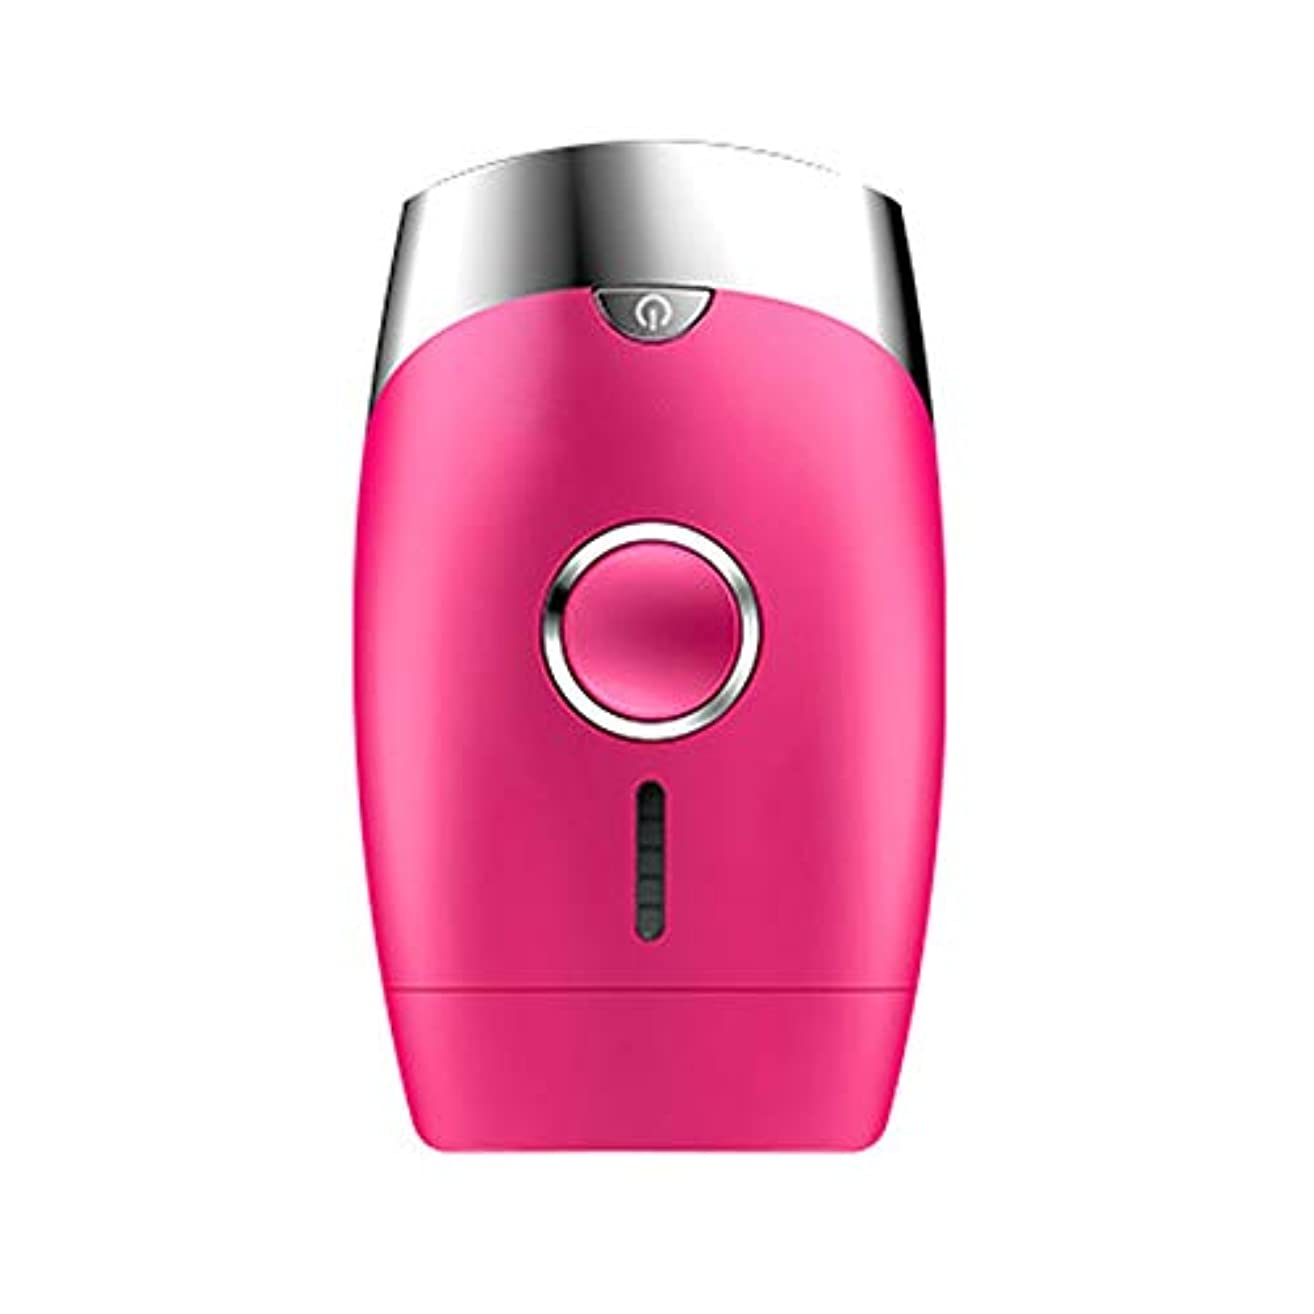 馬力冗談で珍しいピンク、5スピード調整、インテリジェント家庭用痛みのない凝固点ヘアリムーバー、シングルフラッシュ/連続フラッシュ、サイズ13.9 X 8.3 X 4.8 Cm 効果が良い (Color : Pink)